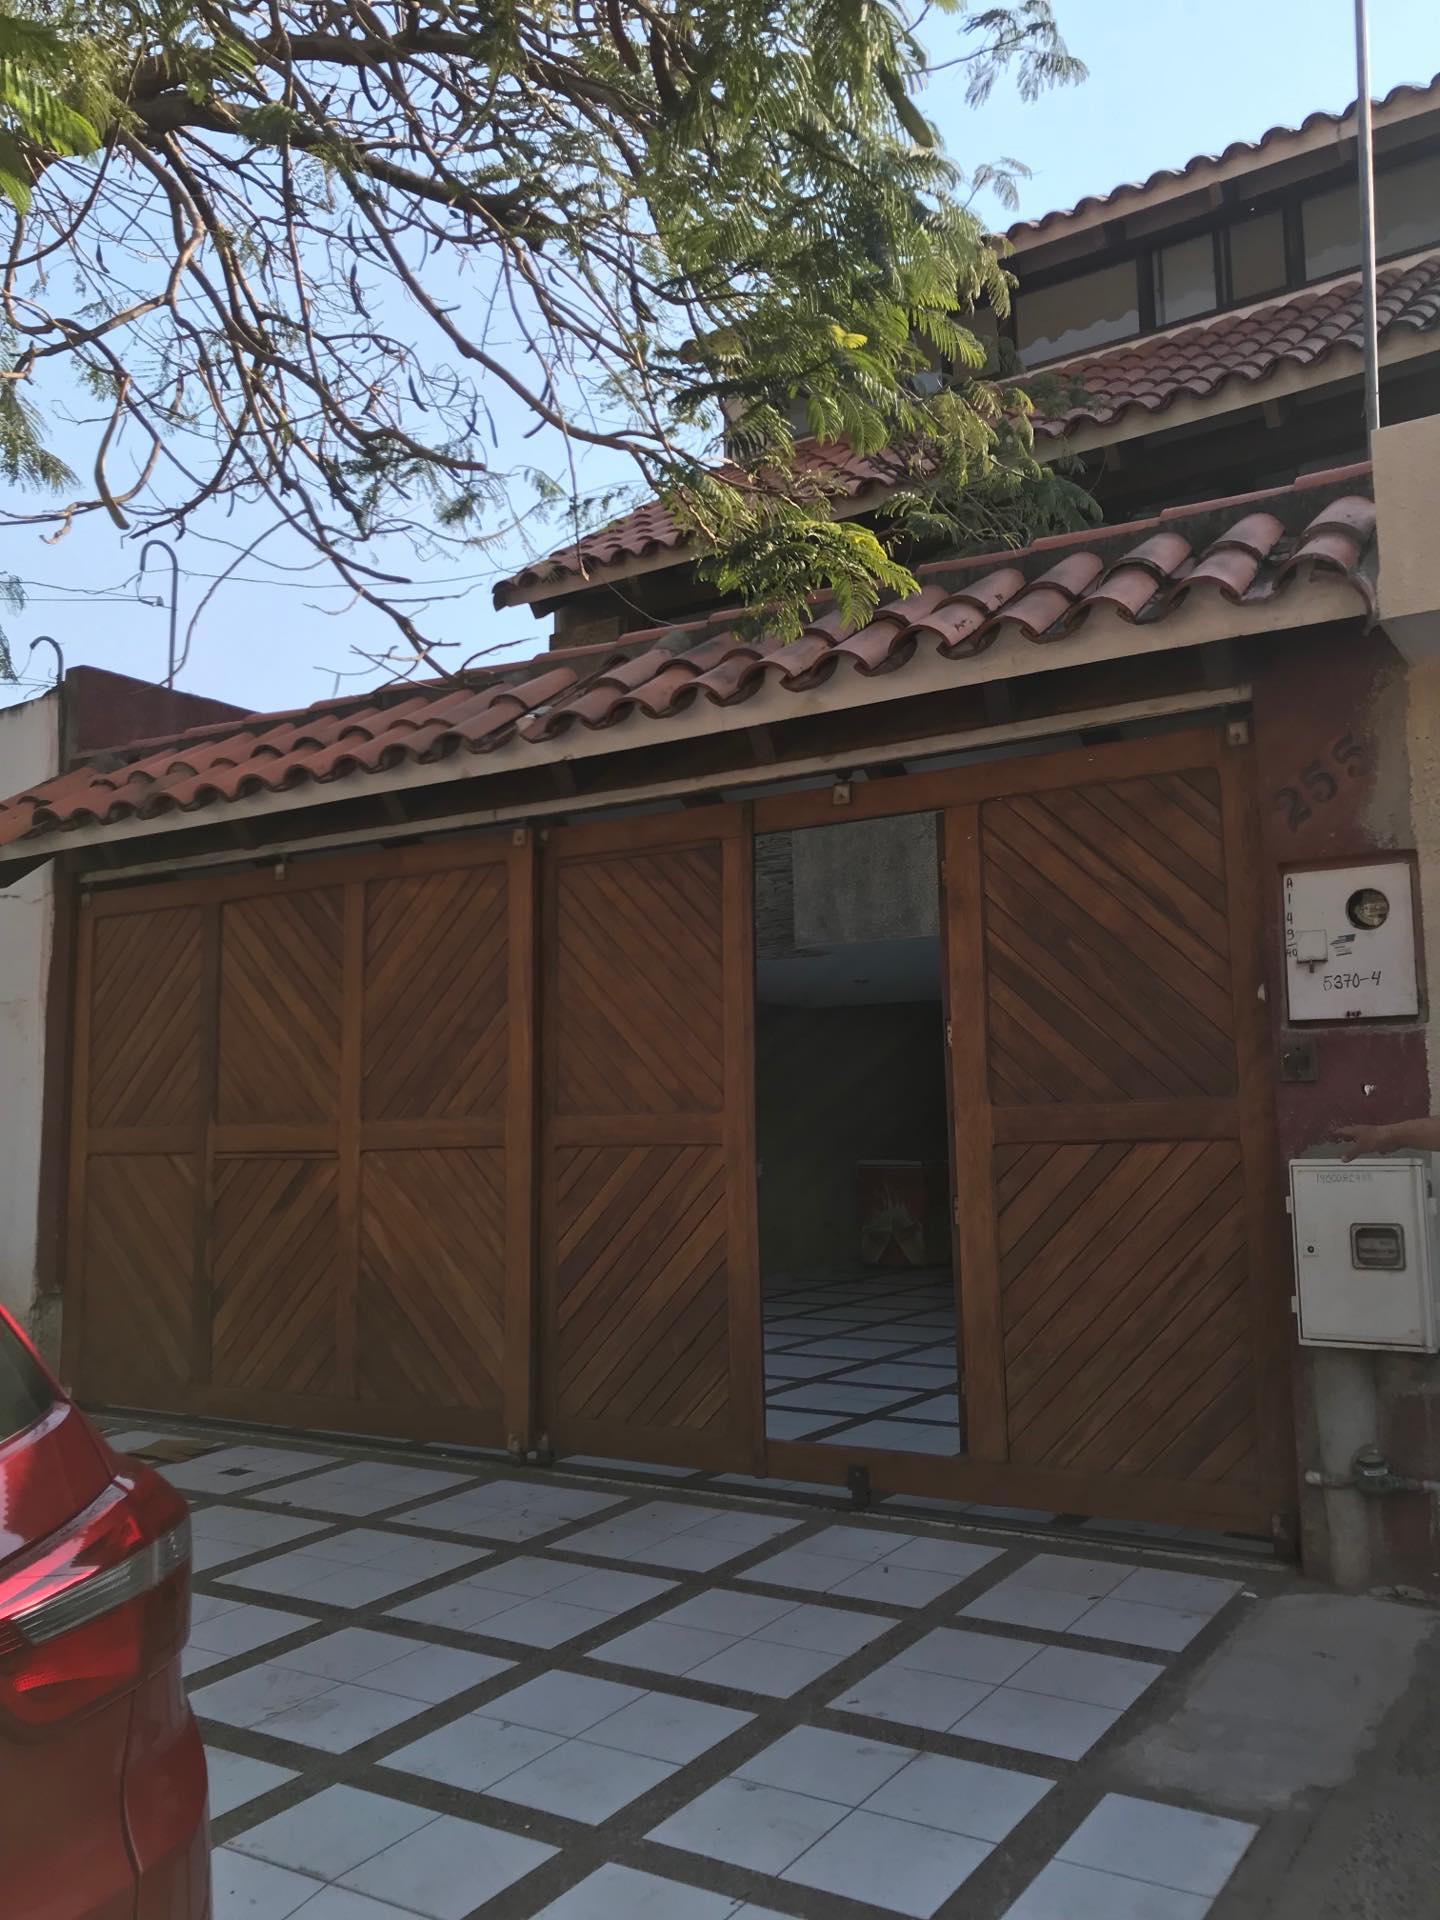 Casa en Alquiler Av. Melchor Pinto entre 1ro y 2do anillo  Foto 1